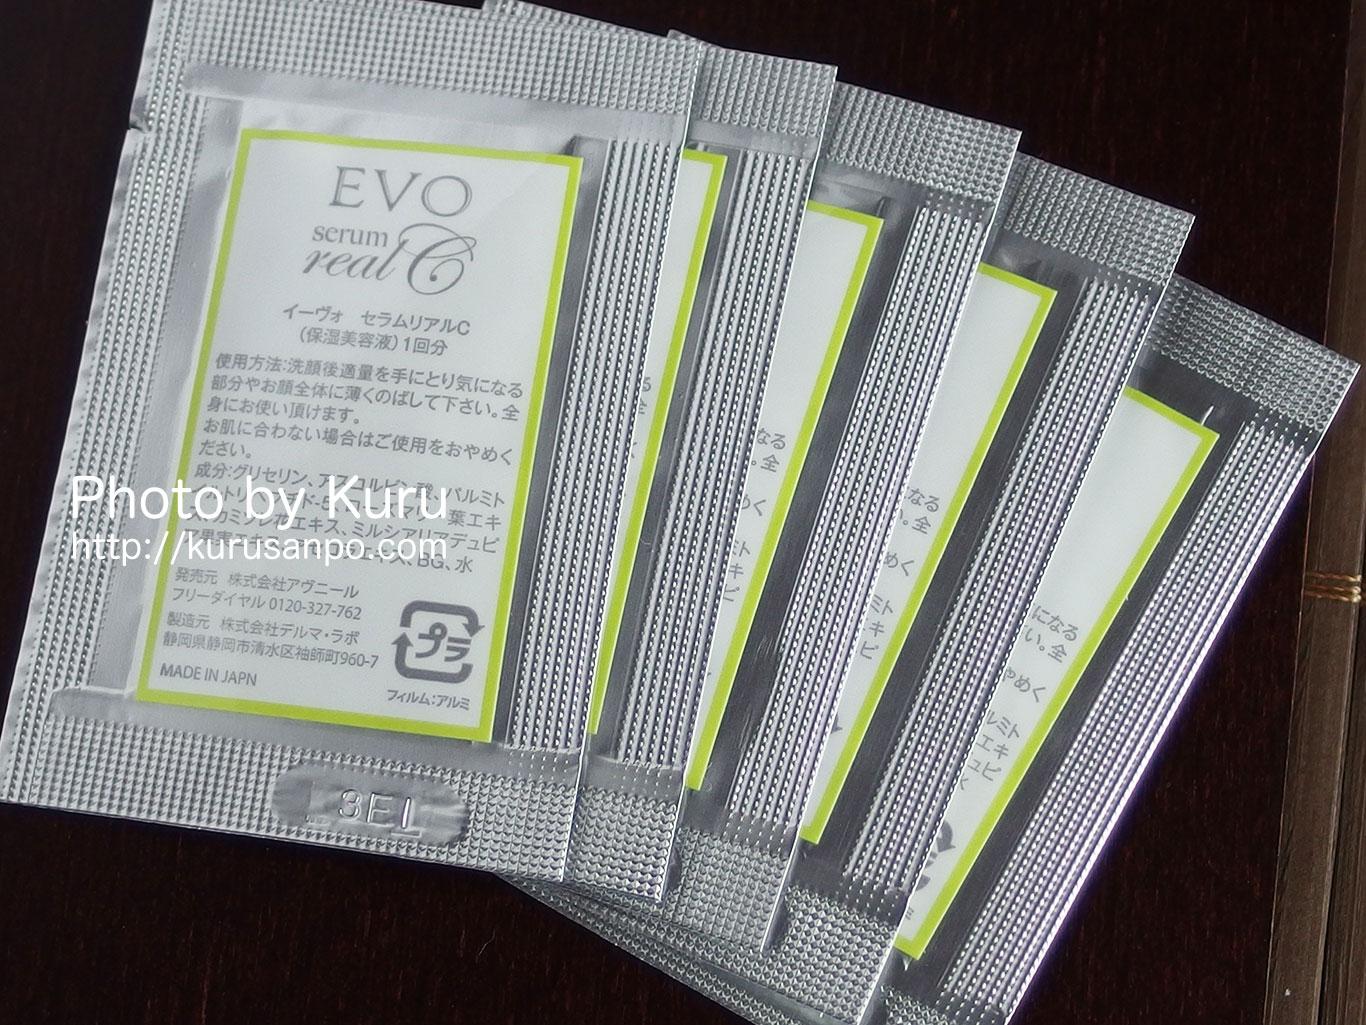 ピュアビタミンC配合美容液『EVO セラムリアルC』を使ってみた♪